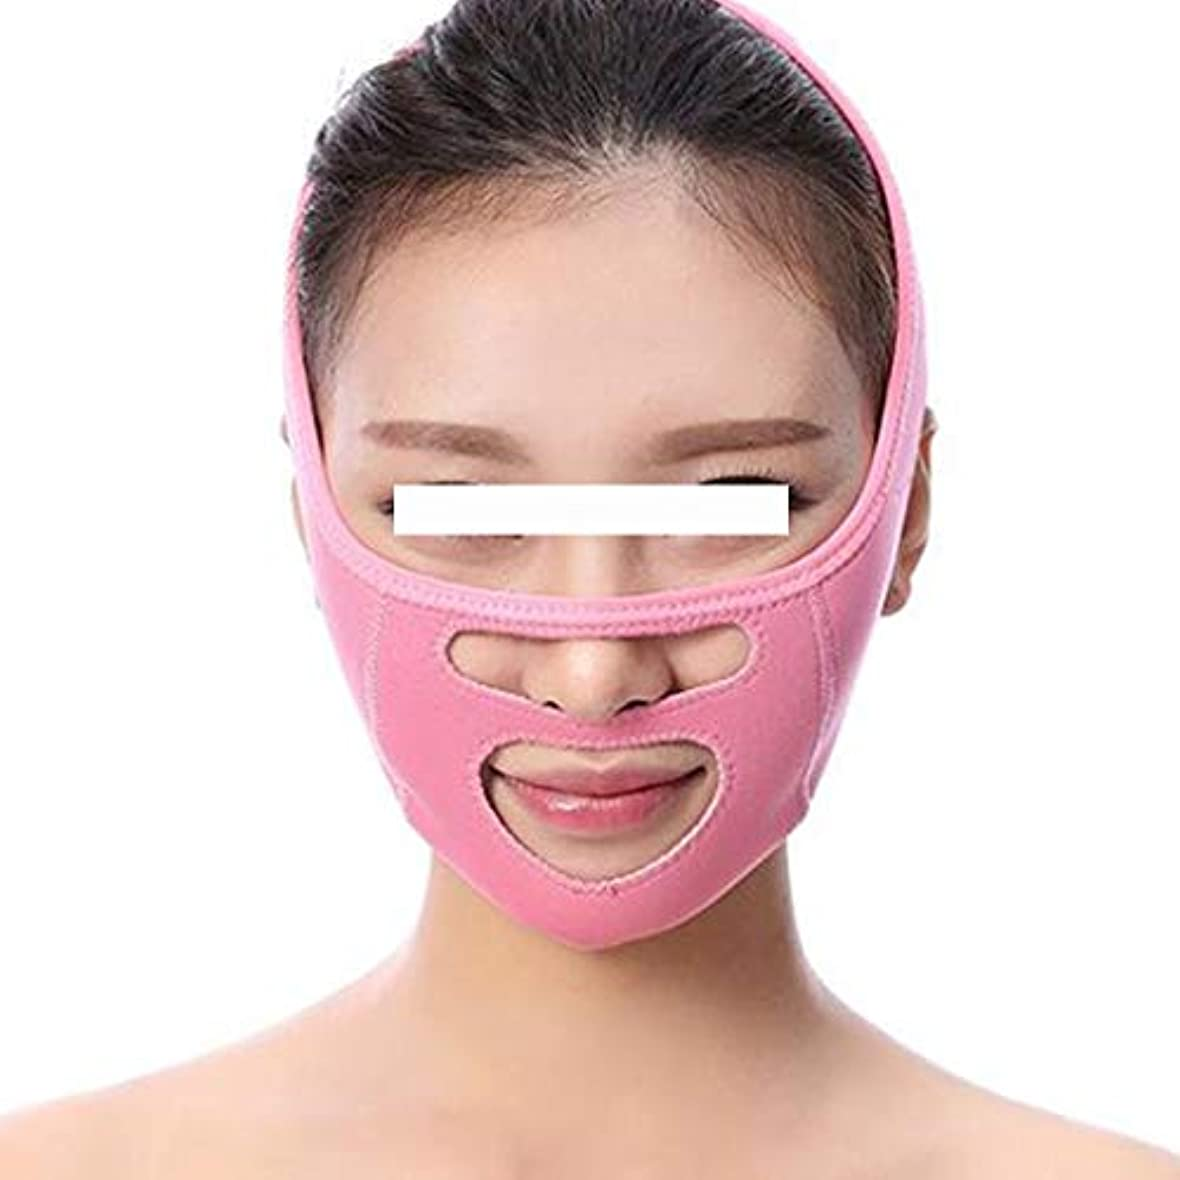 伝記変動する疾患人気のVフェイスマスク - 睡眠小顔美容フェイス包帯 - Decreeダブルチンvフェイスに移動